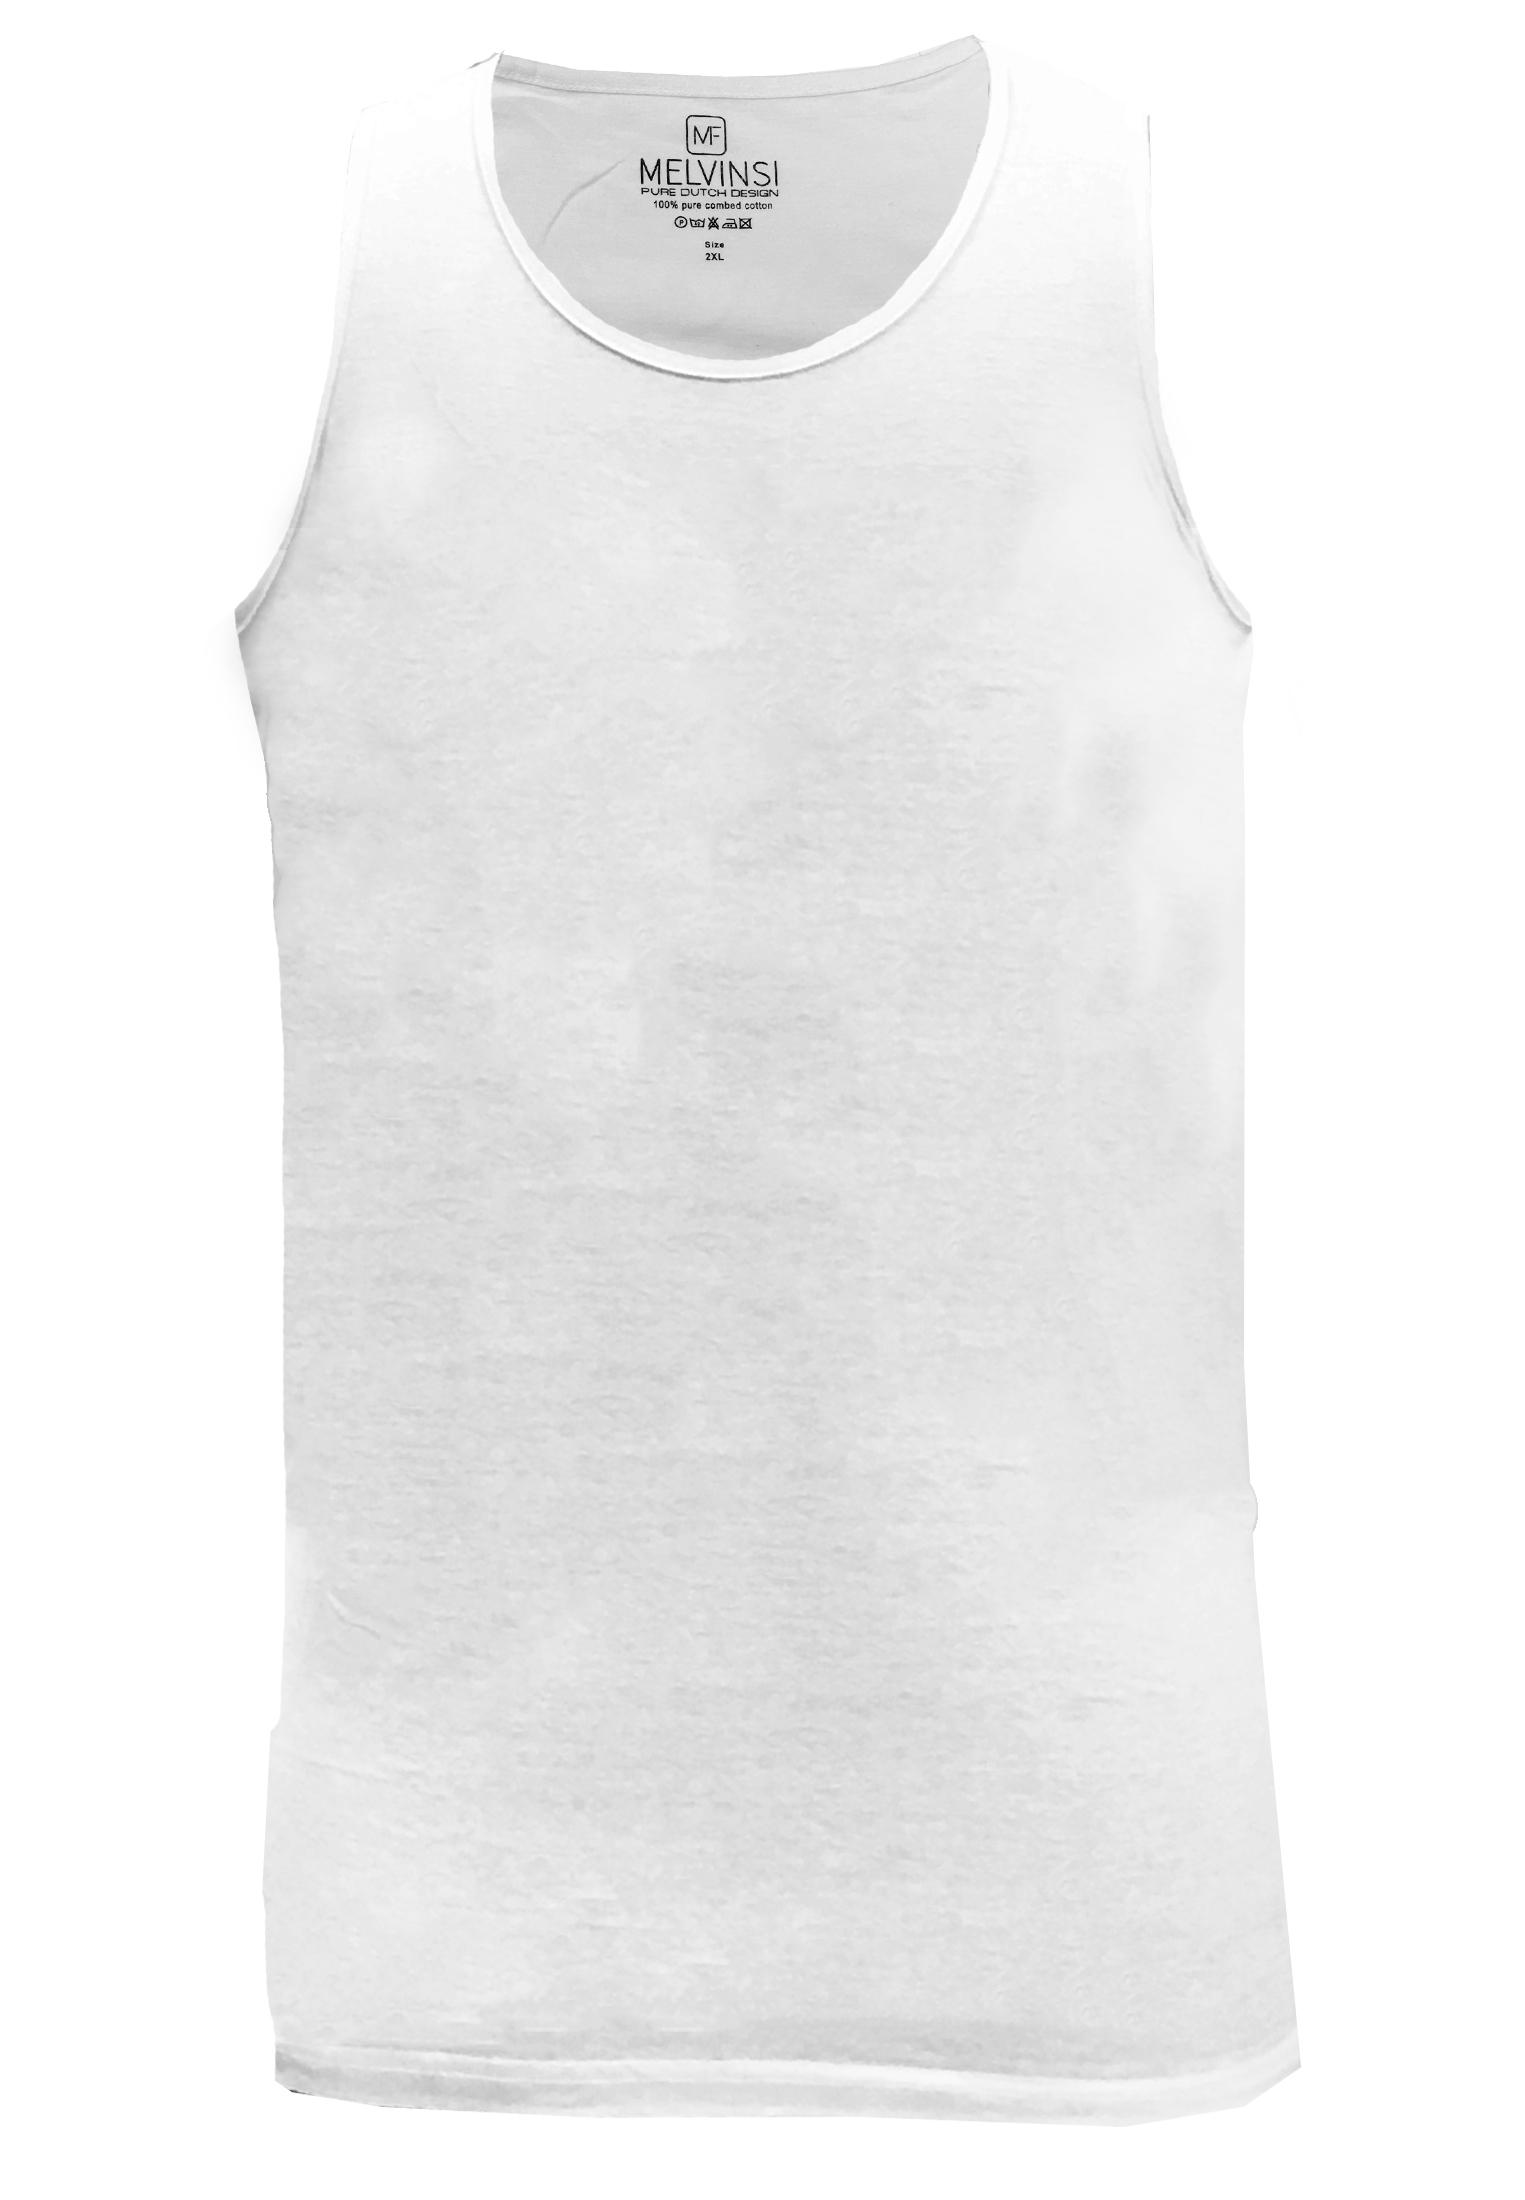 Basic effen tanktop van Melvinsi uitgevoerd in het wit met ronde hals. Zeer multifunctionele tanktop om te dragen, bijvoorbeeld onder overhemden, T-shirts en truien maar ook ideaal te dragen met de warme dagen, als loungewear of als pyjama shirt.